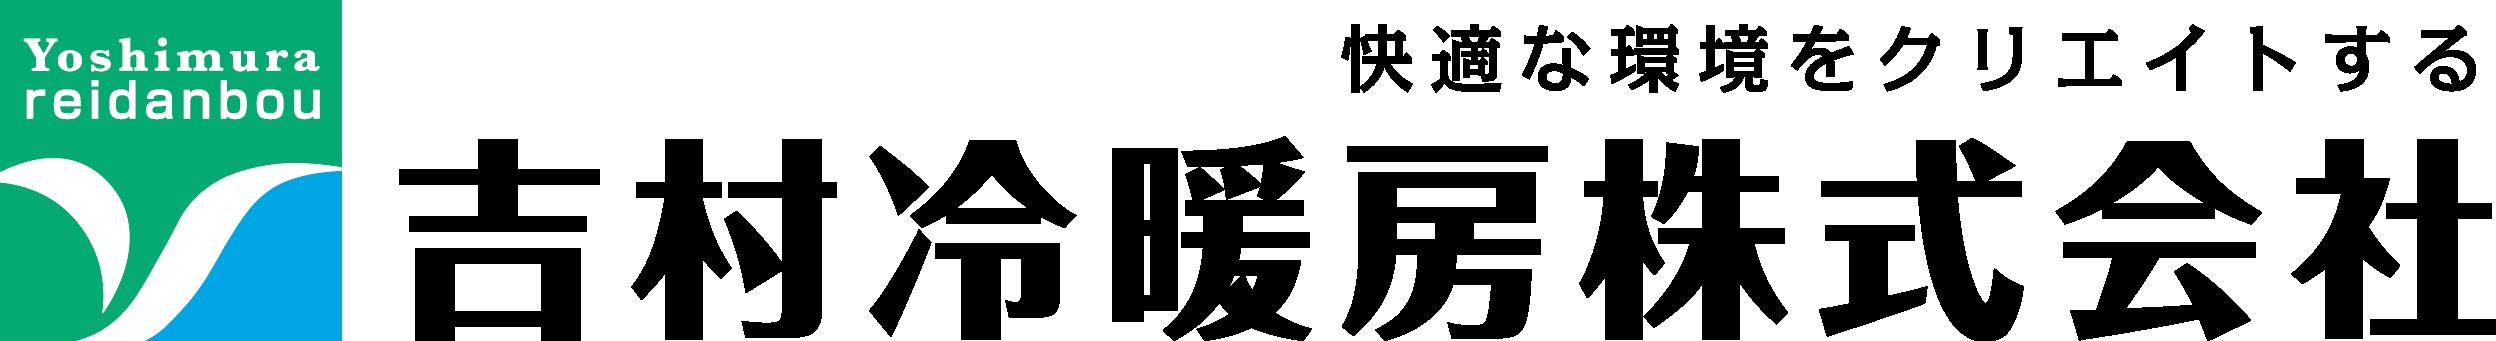 吉村冷暖房株式会社 公式|エアコン 修理・工事・取付・設置なら(一般戸建住宅、マンション、店舗、ビル、工場、病院)壁面埋込式、天井埋込式、全館空調お任せください